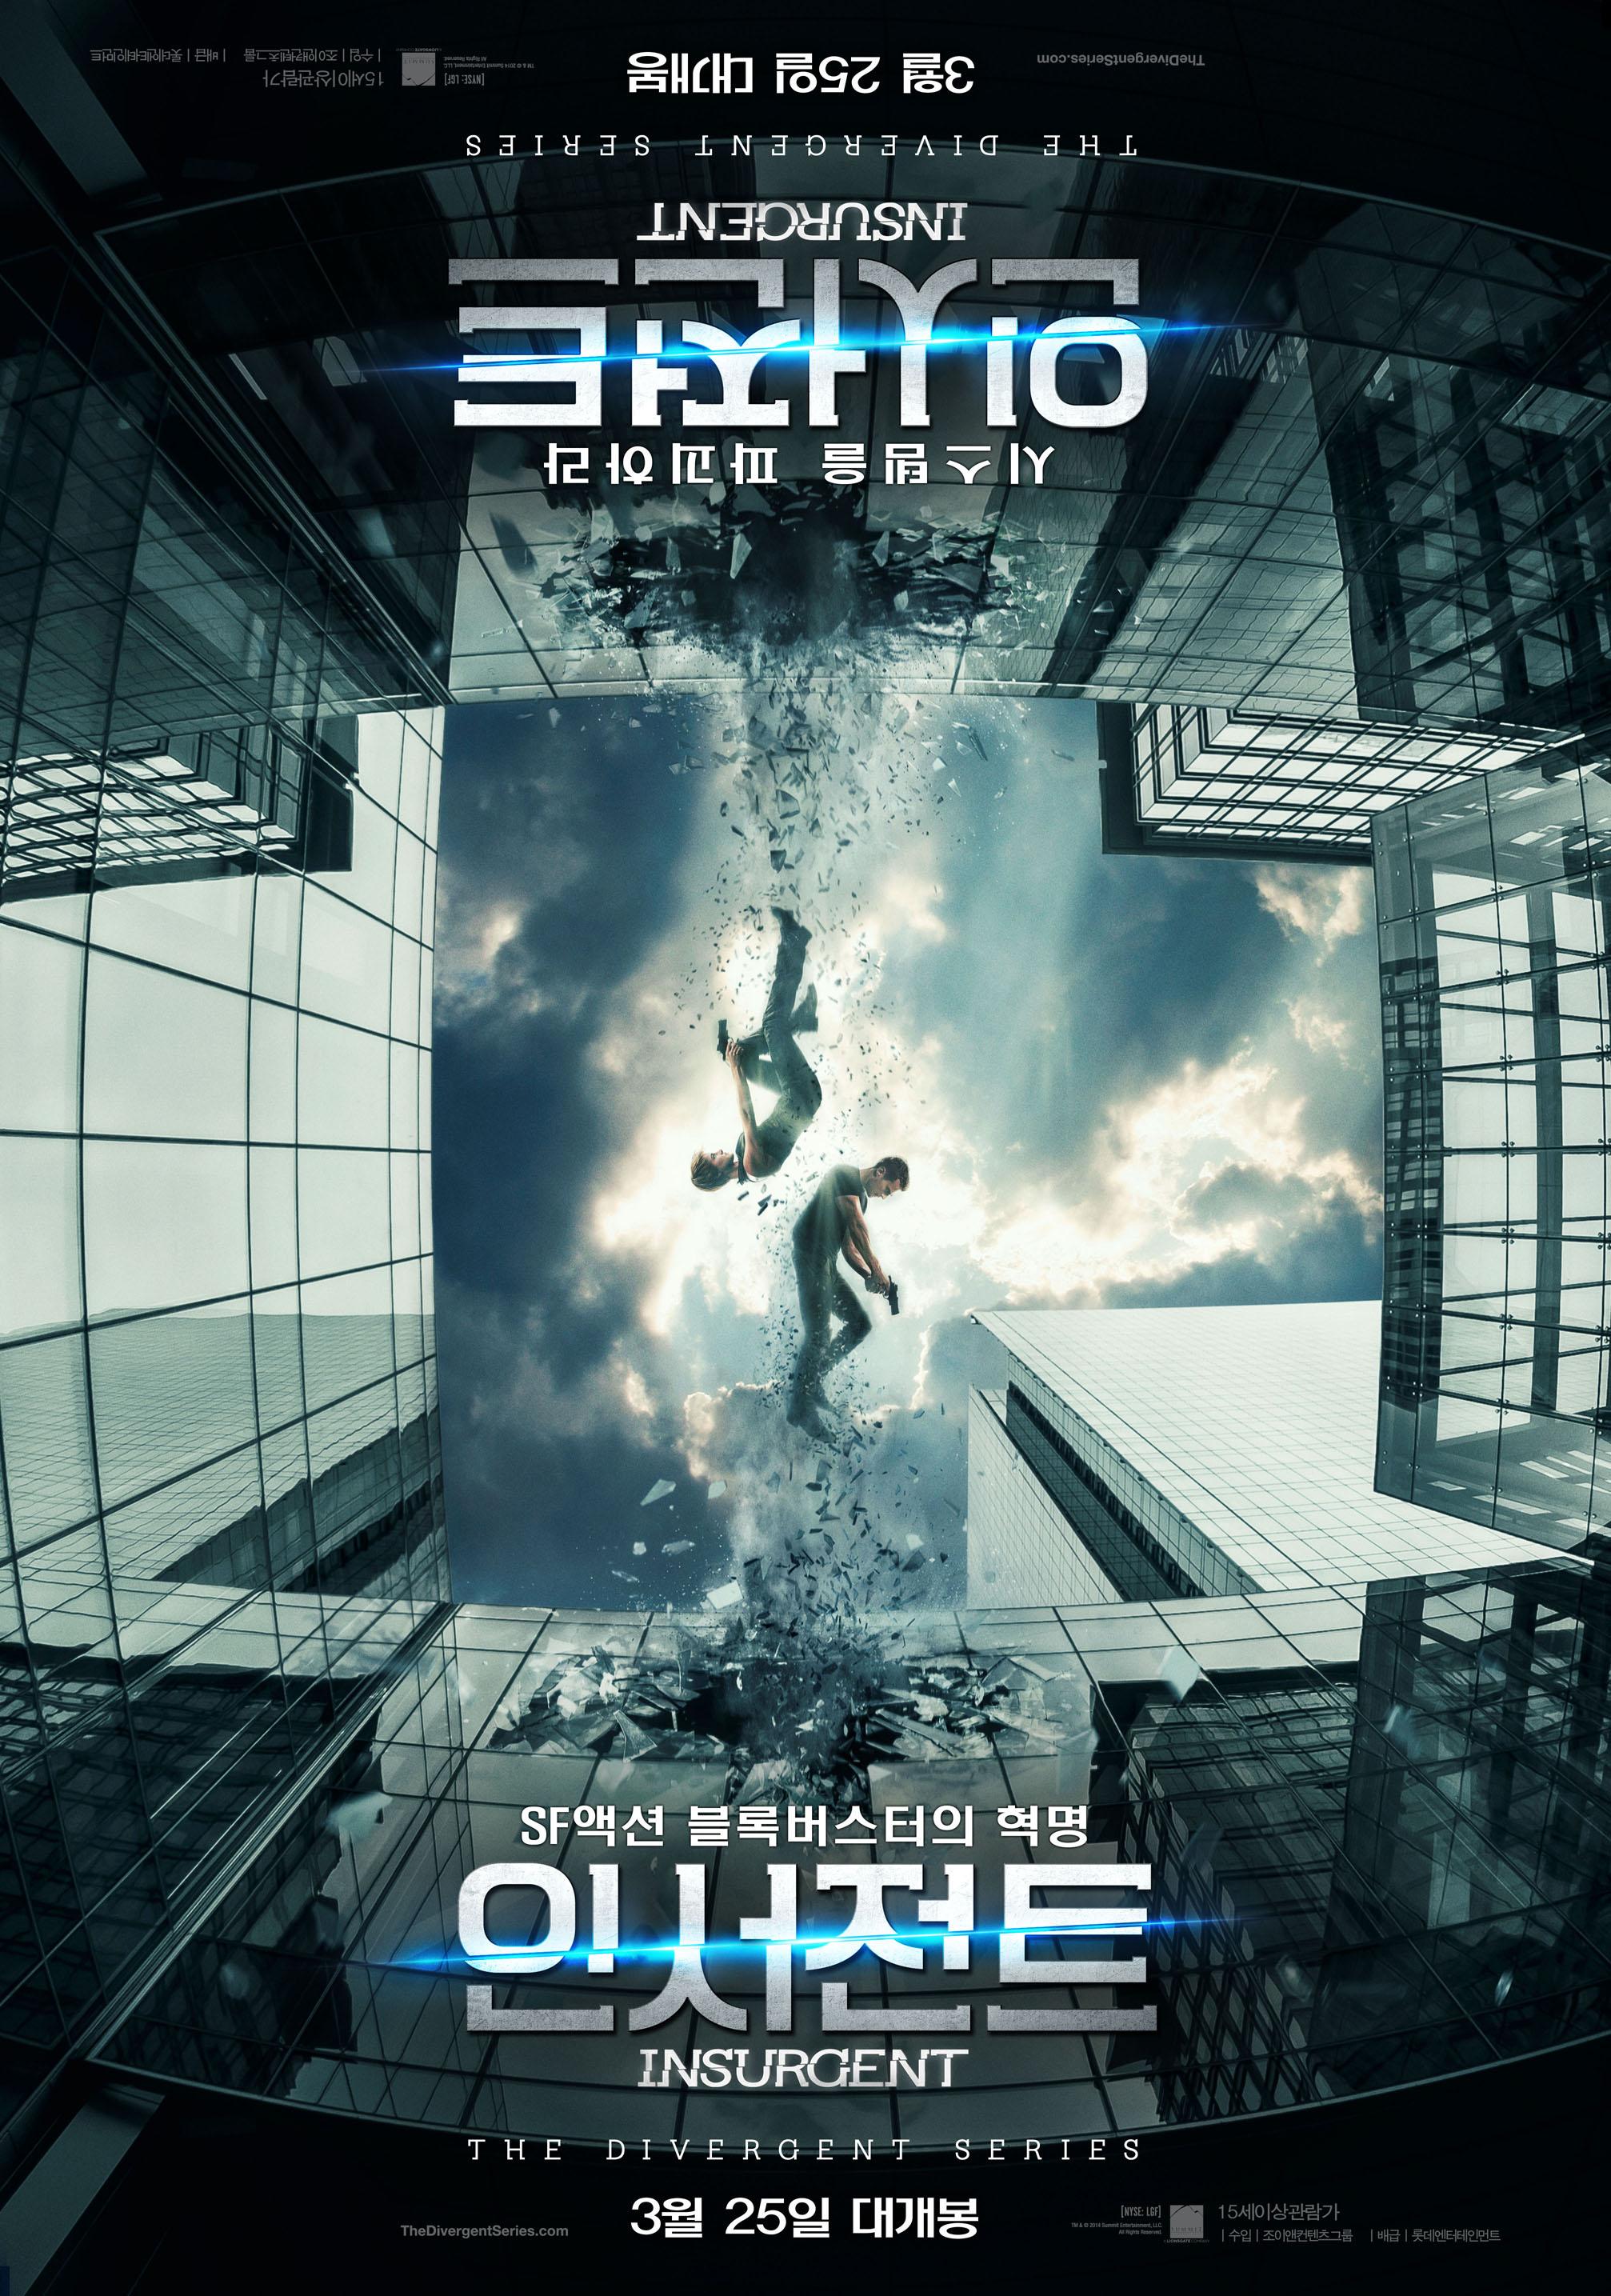 인서전트 (Insurgent, 2015)